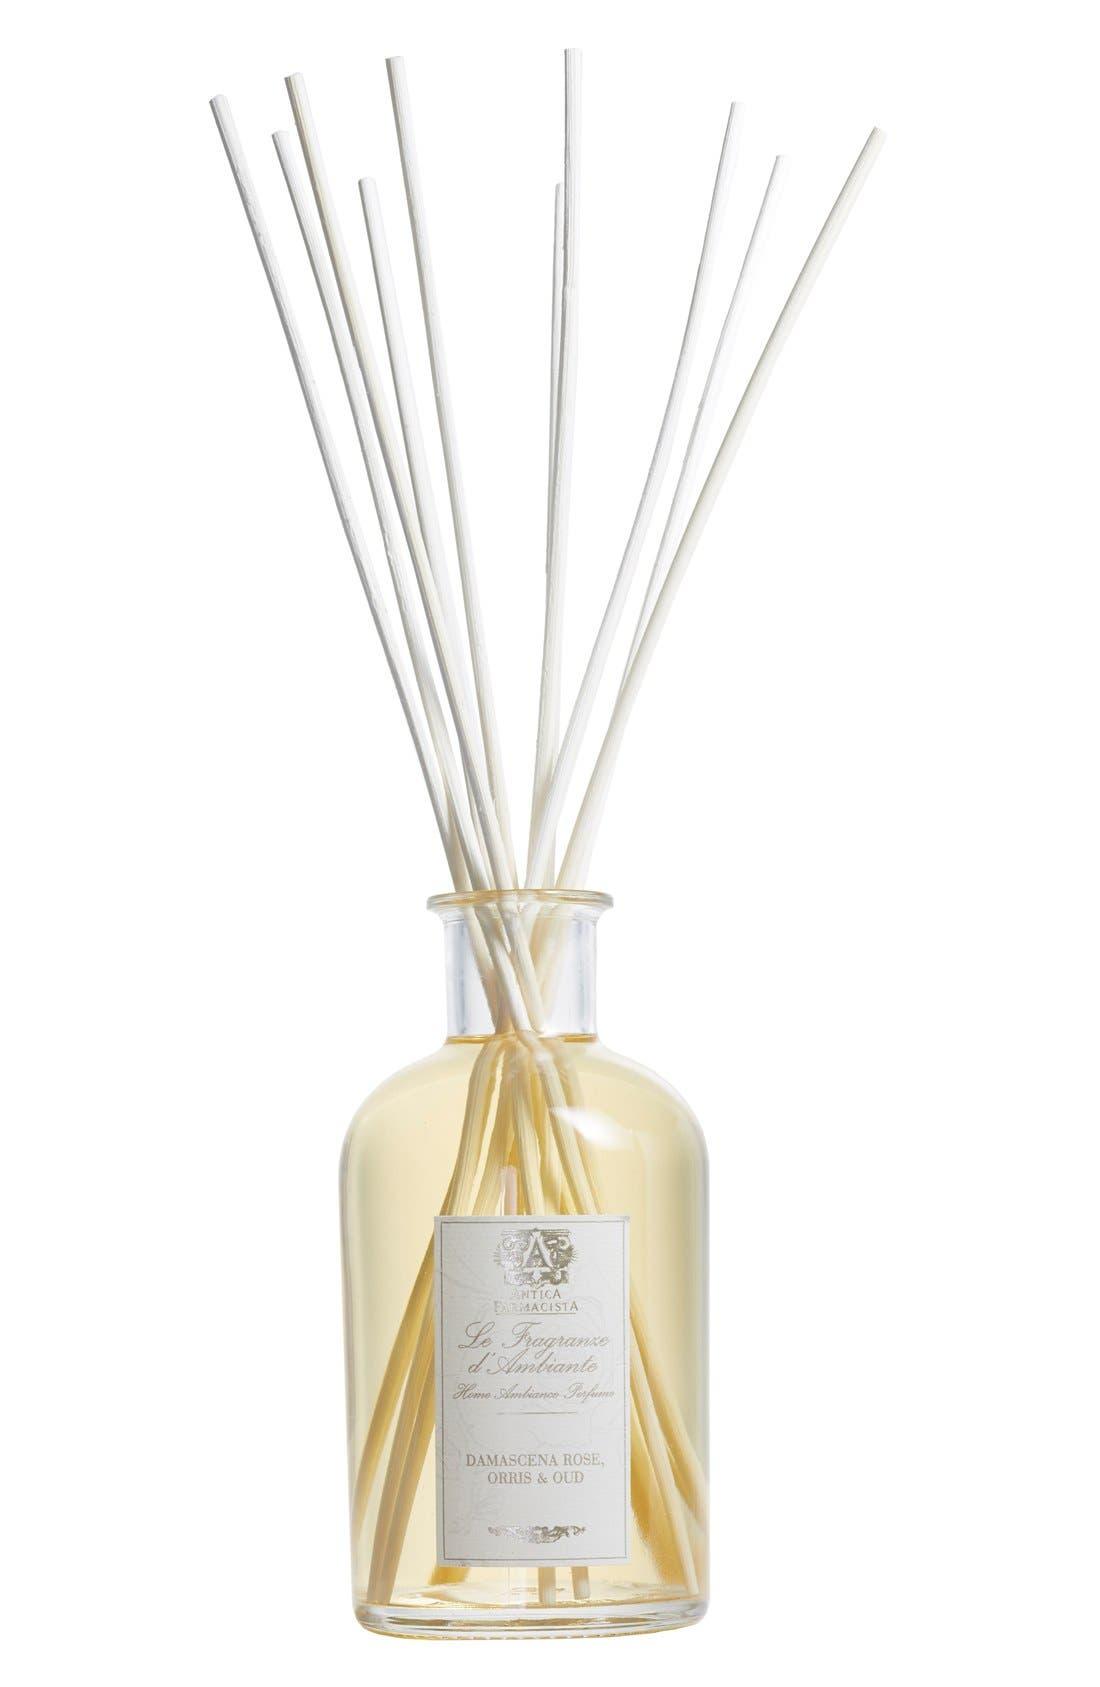 Main Image - Antica Farmacista Damascena Rose, Orris & Oud Home Ambiance Perfume